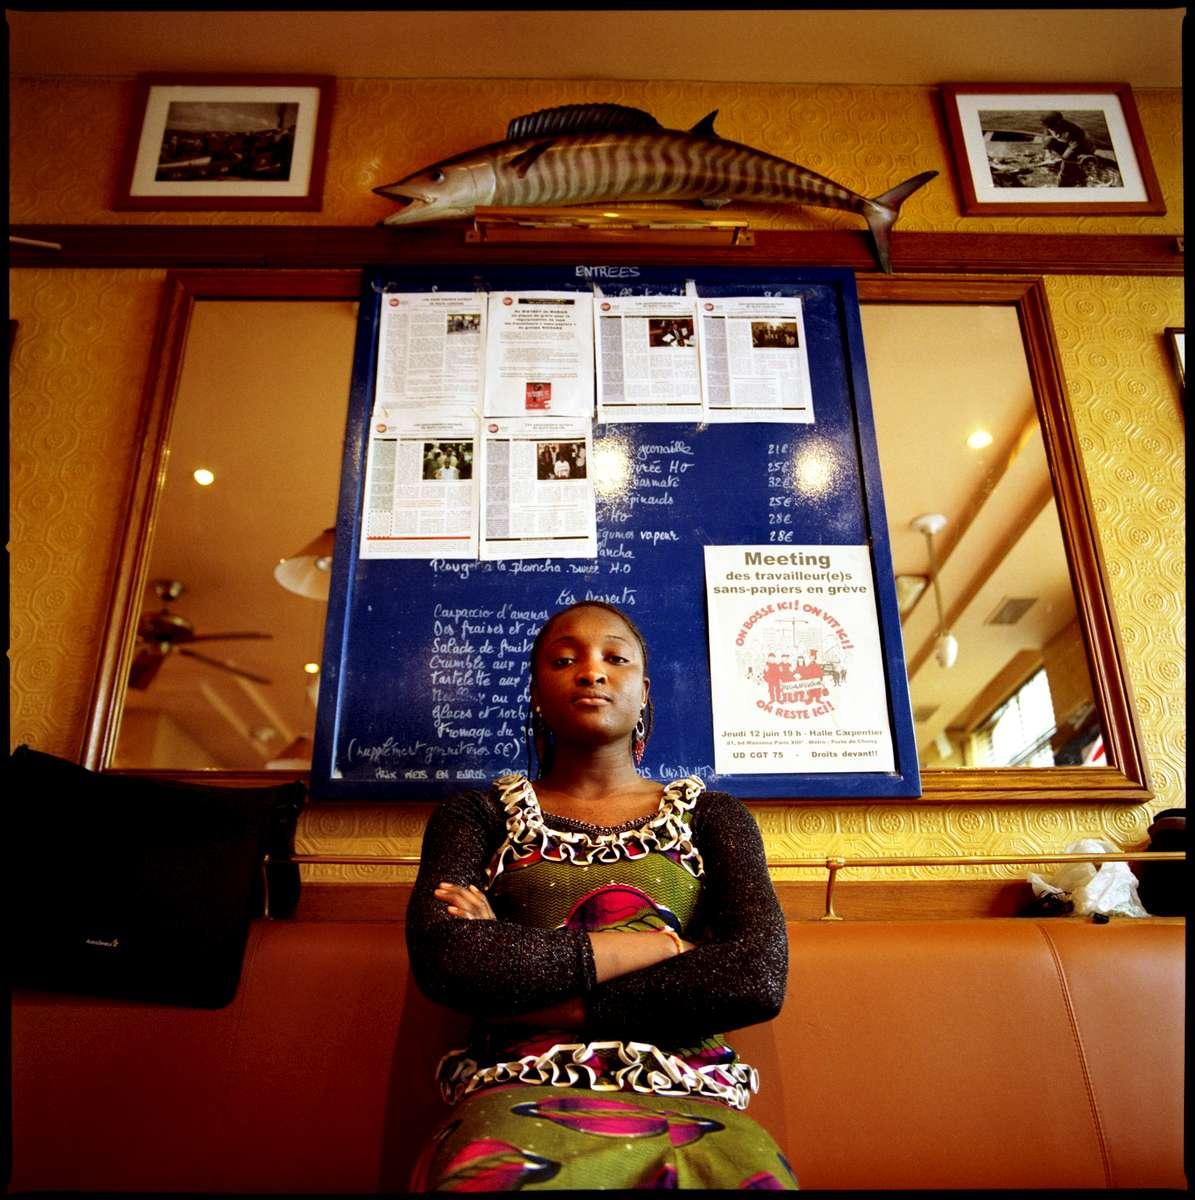 Koudedia est Malienne. elle est arrivée en France en 2002. En grève depuis le 24 mai 2008, ell demande sa régularisation avec 16 autres employés  des différents restaurants Marius et Janette de Paris.